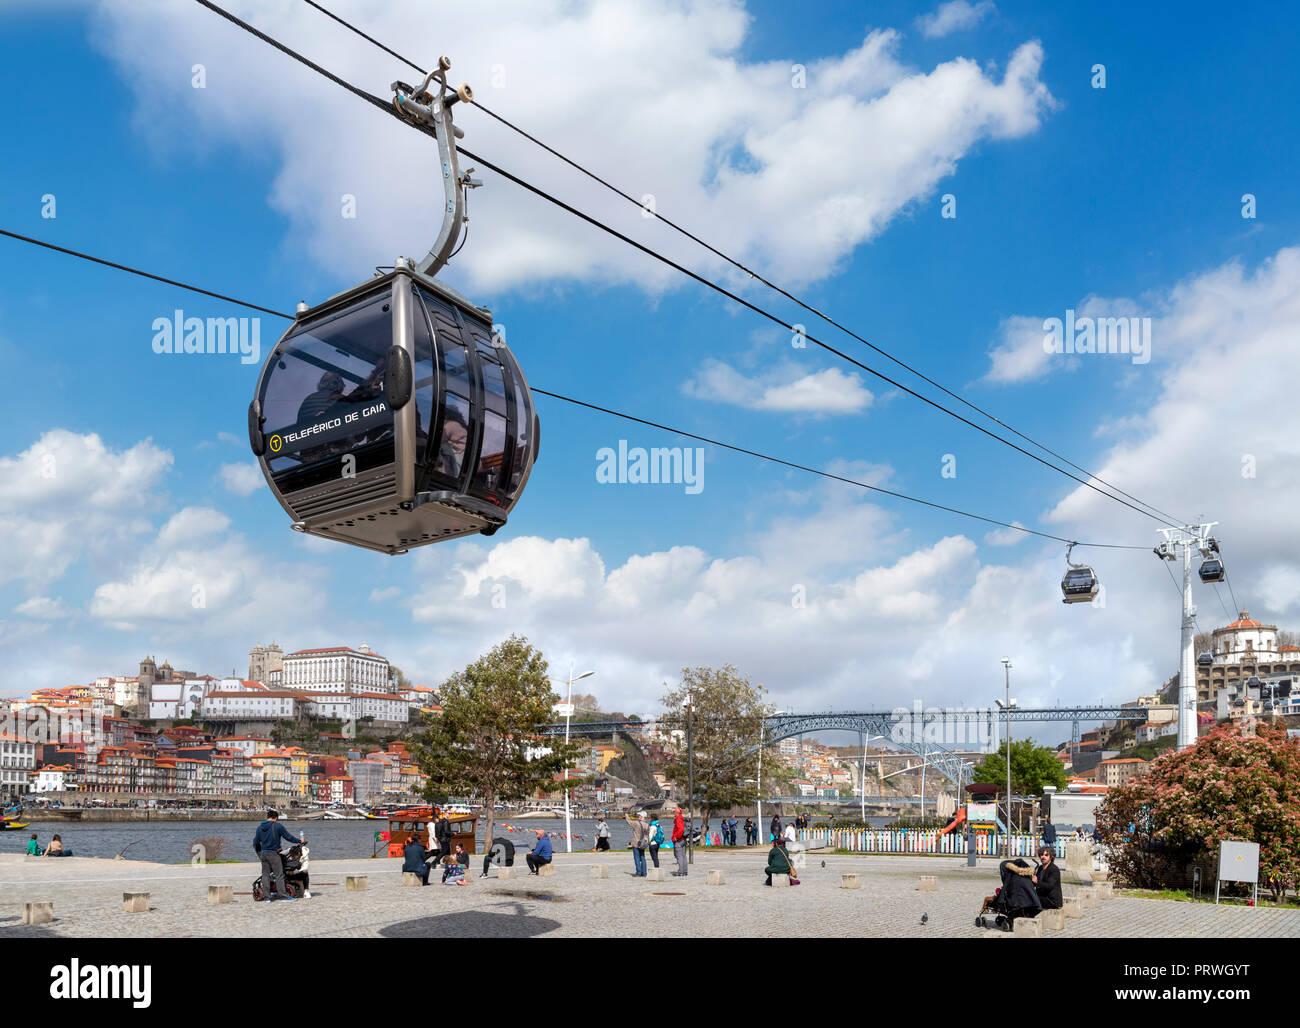 The Teleferica de Gaia (cable car) from Avenida de Diogo Leite, Vila Nova de Gaia, Porto, Portugal - Stock Image